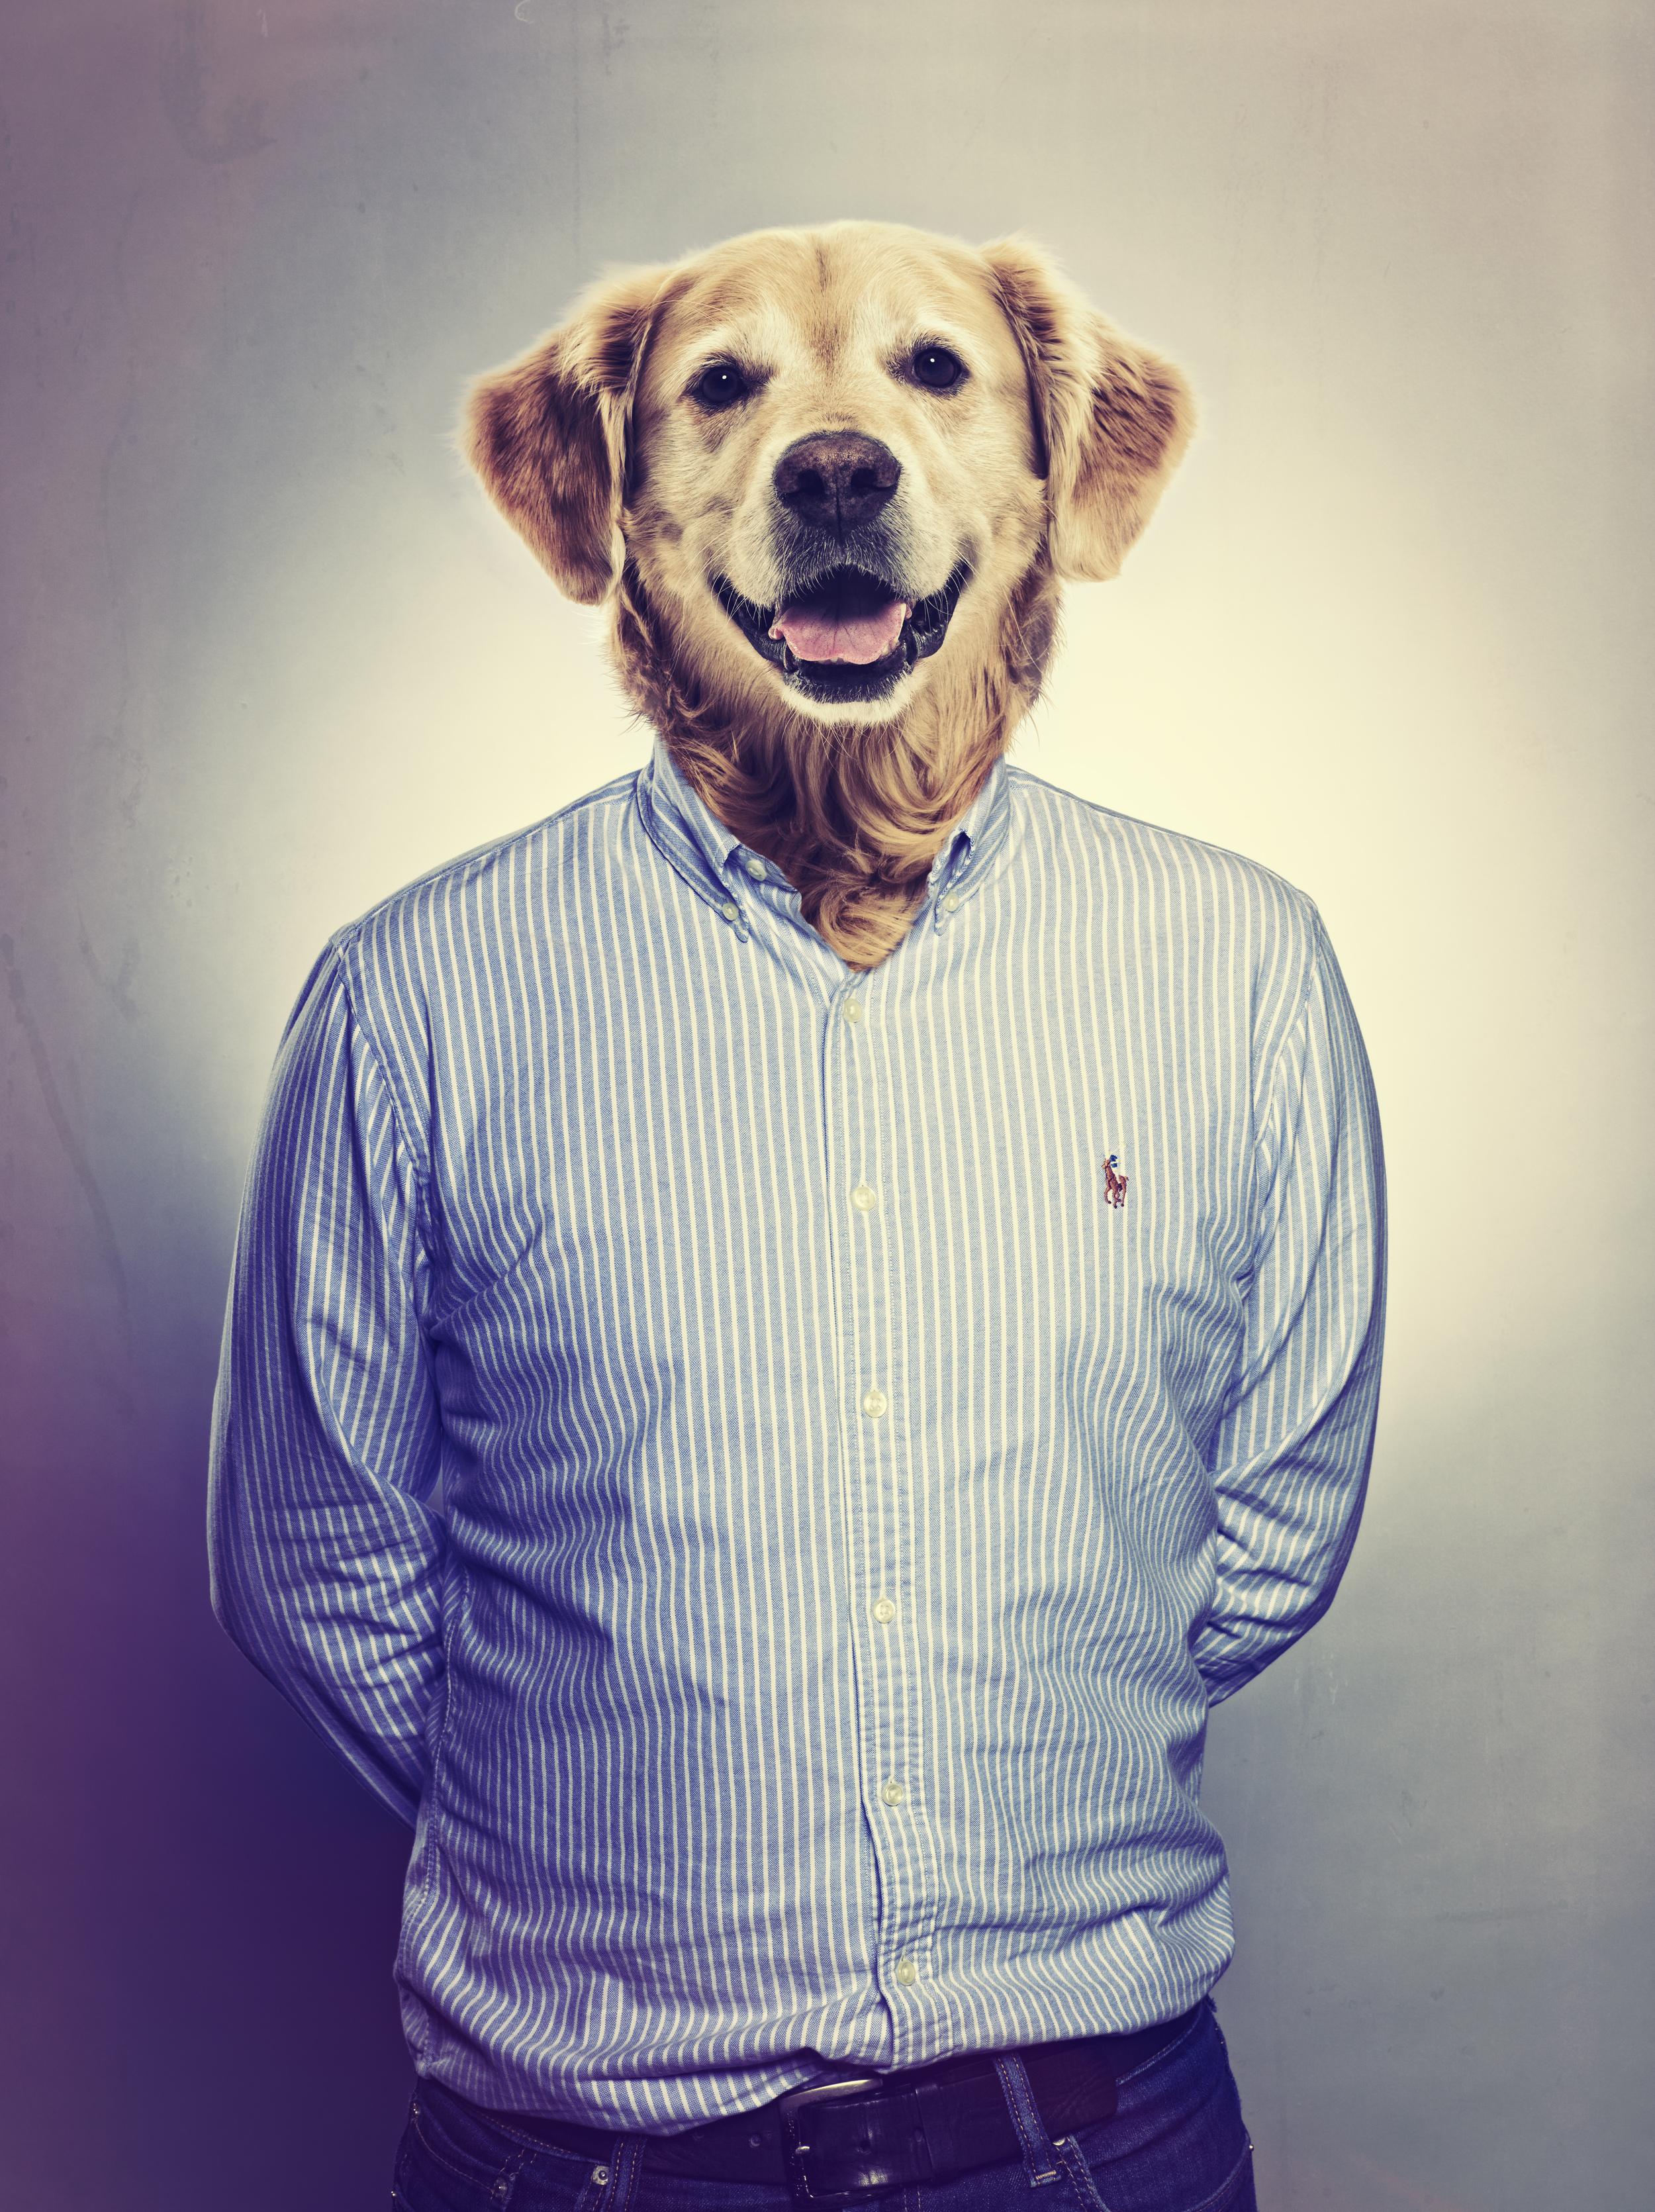 GEORGE_ANIMAL_HEAD.jpg